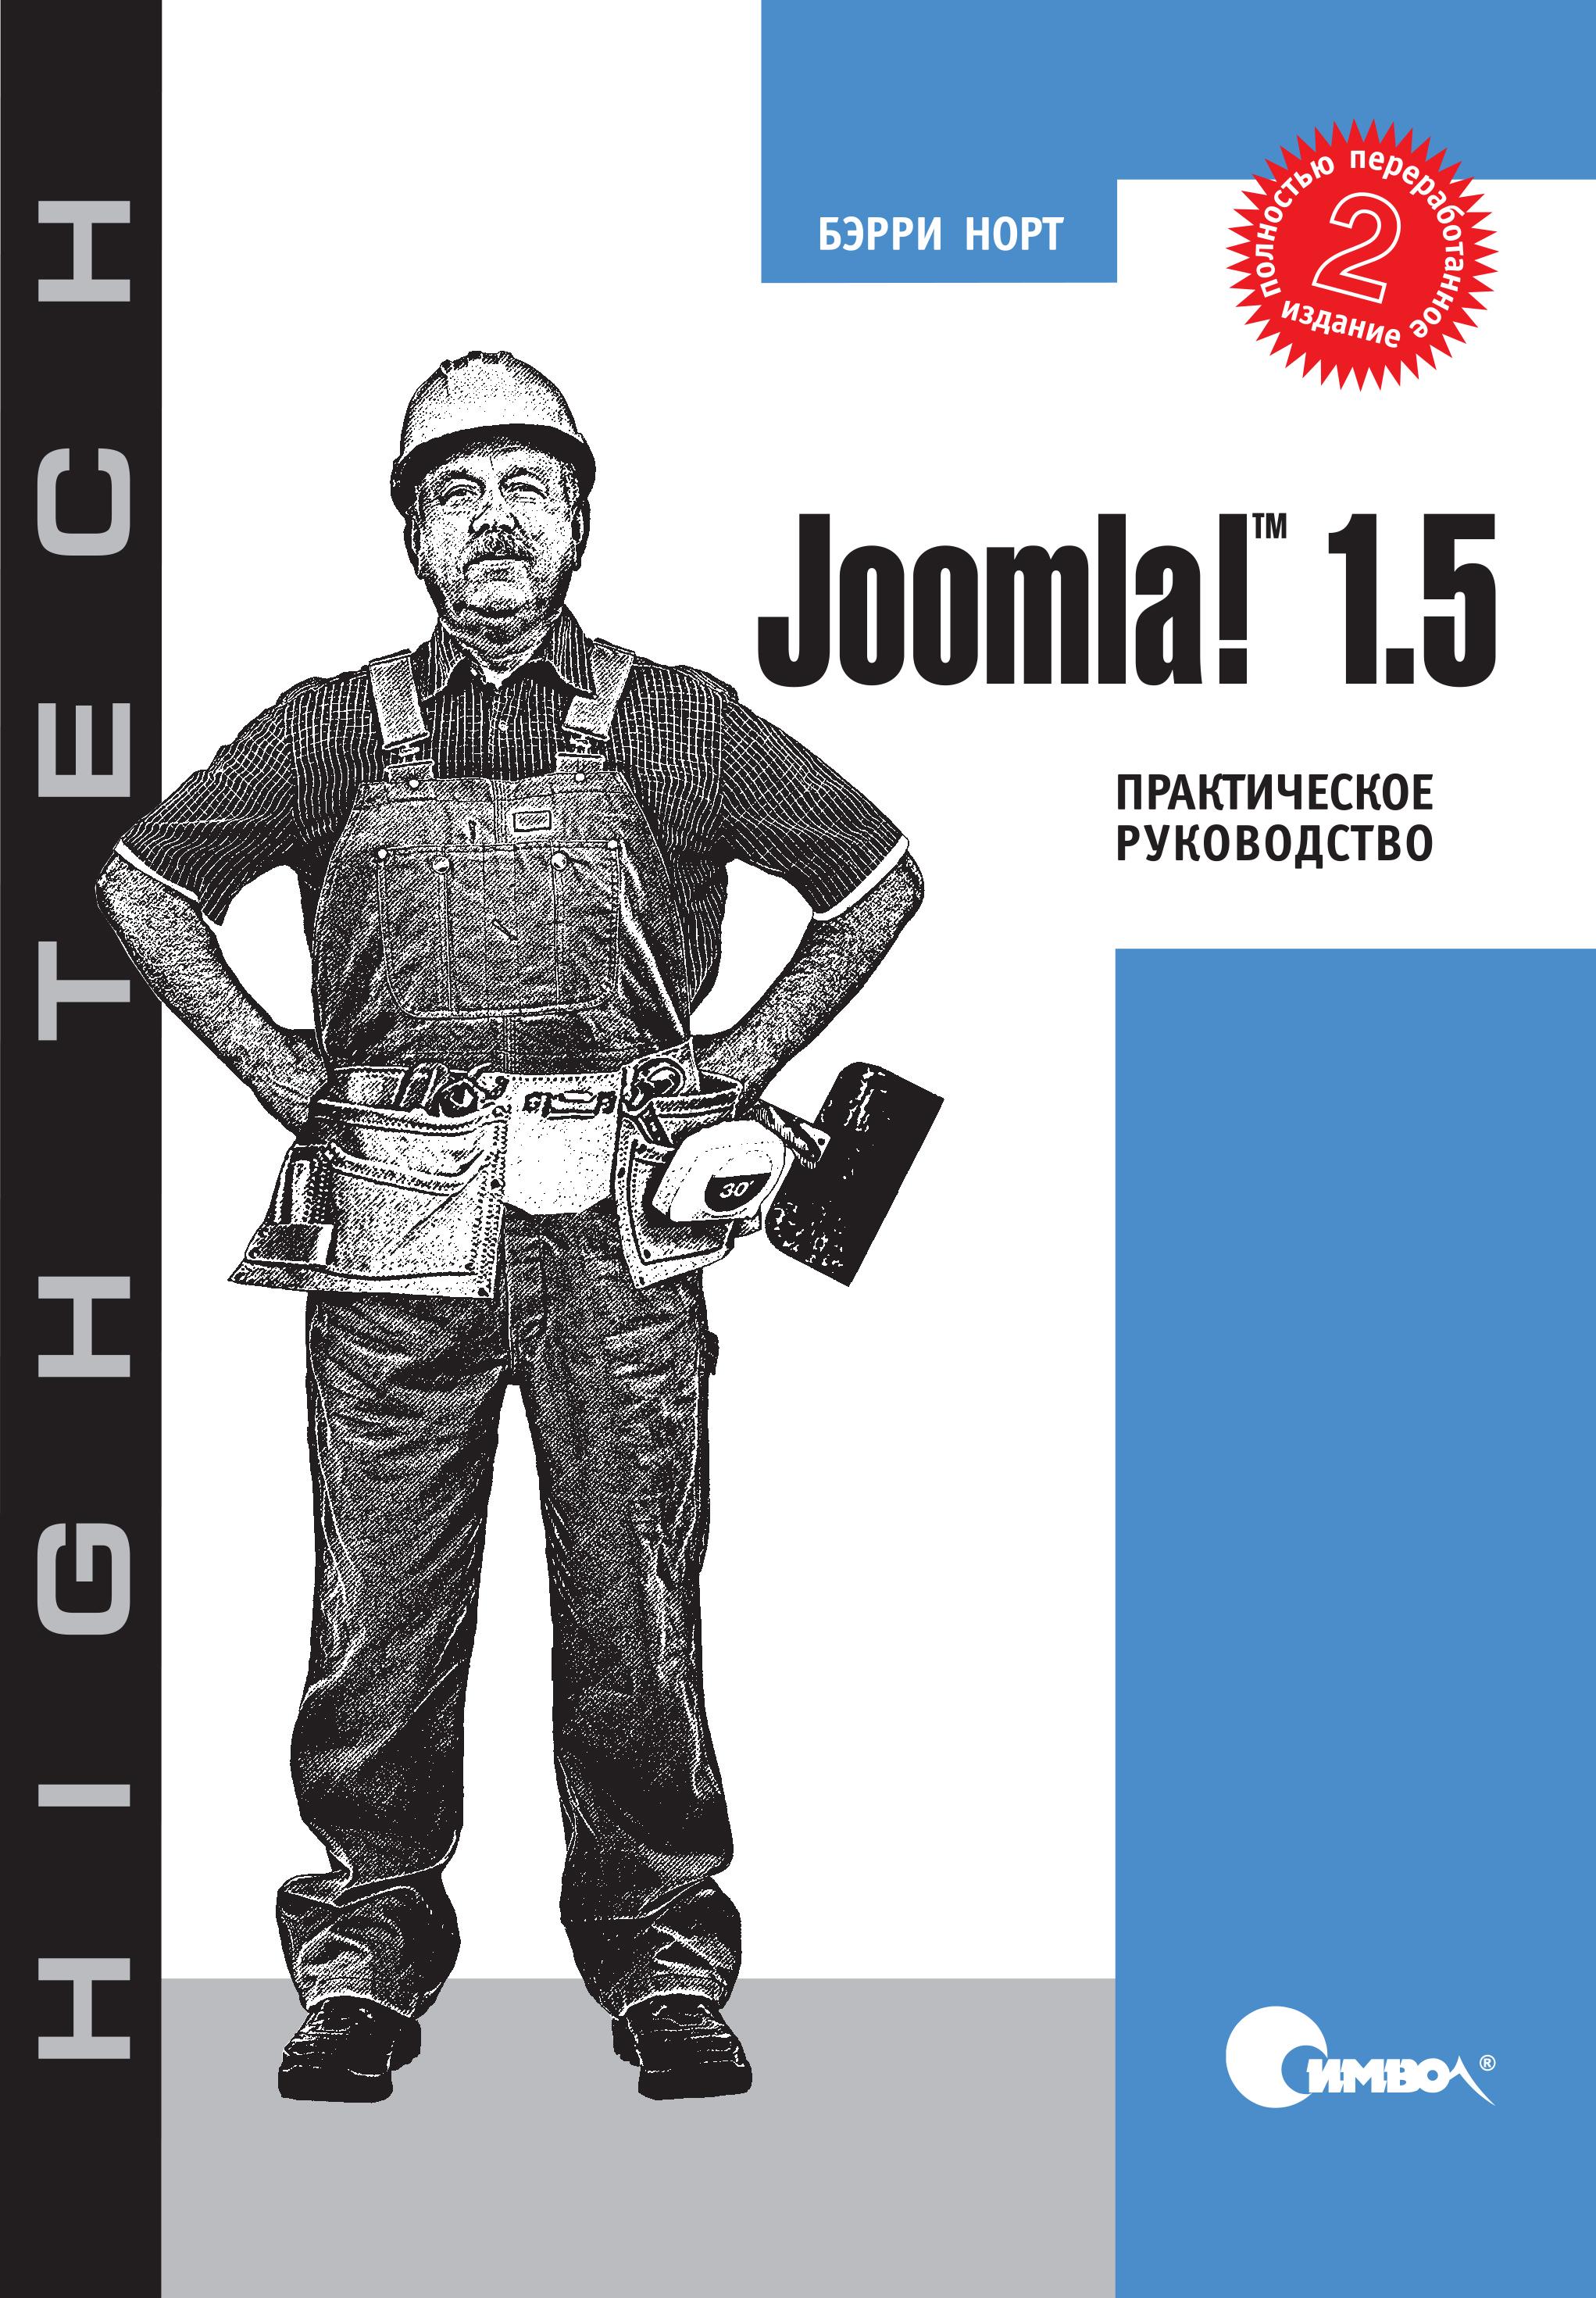 Бэрри Норт Joomla! 1.5. Практическое руководство. 2-е издание